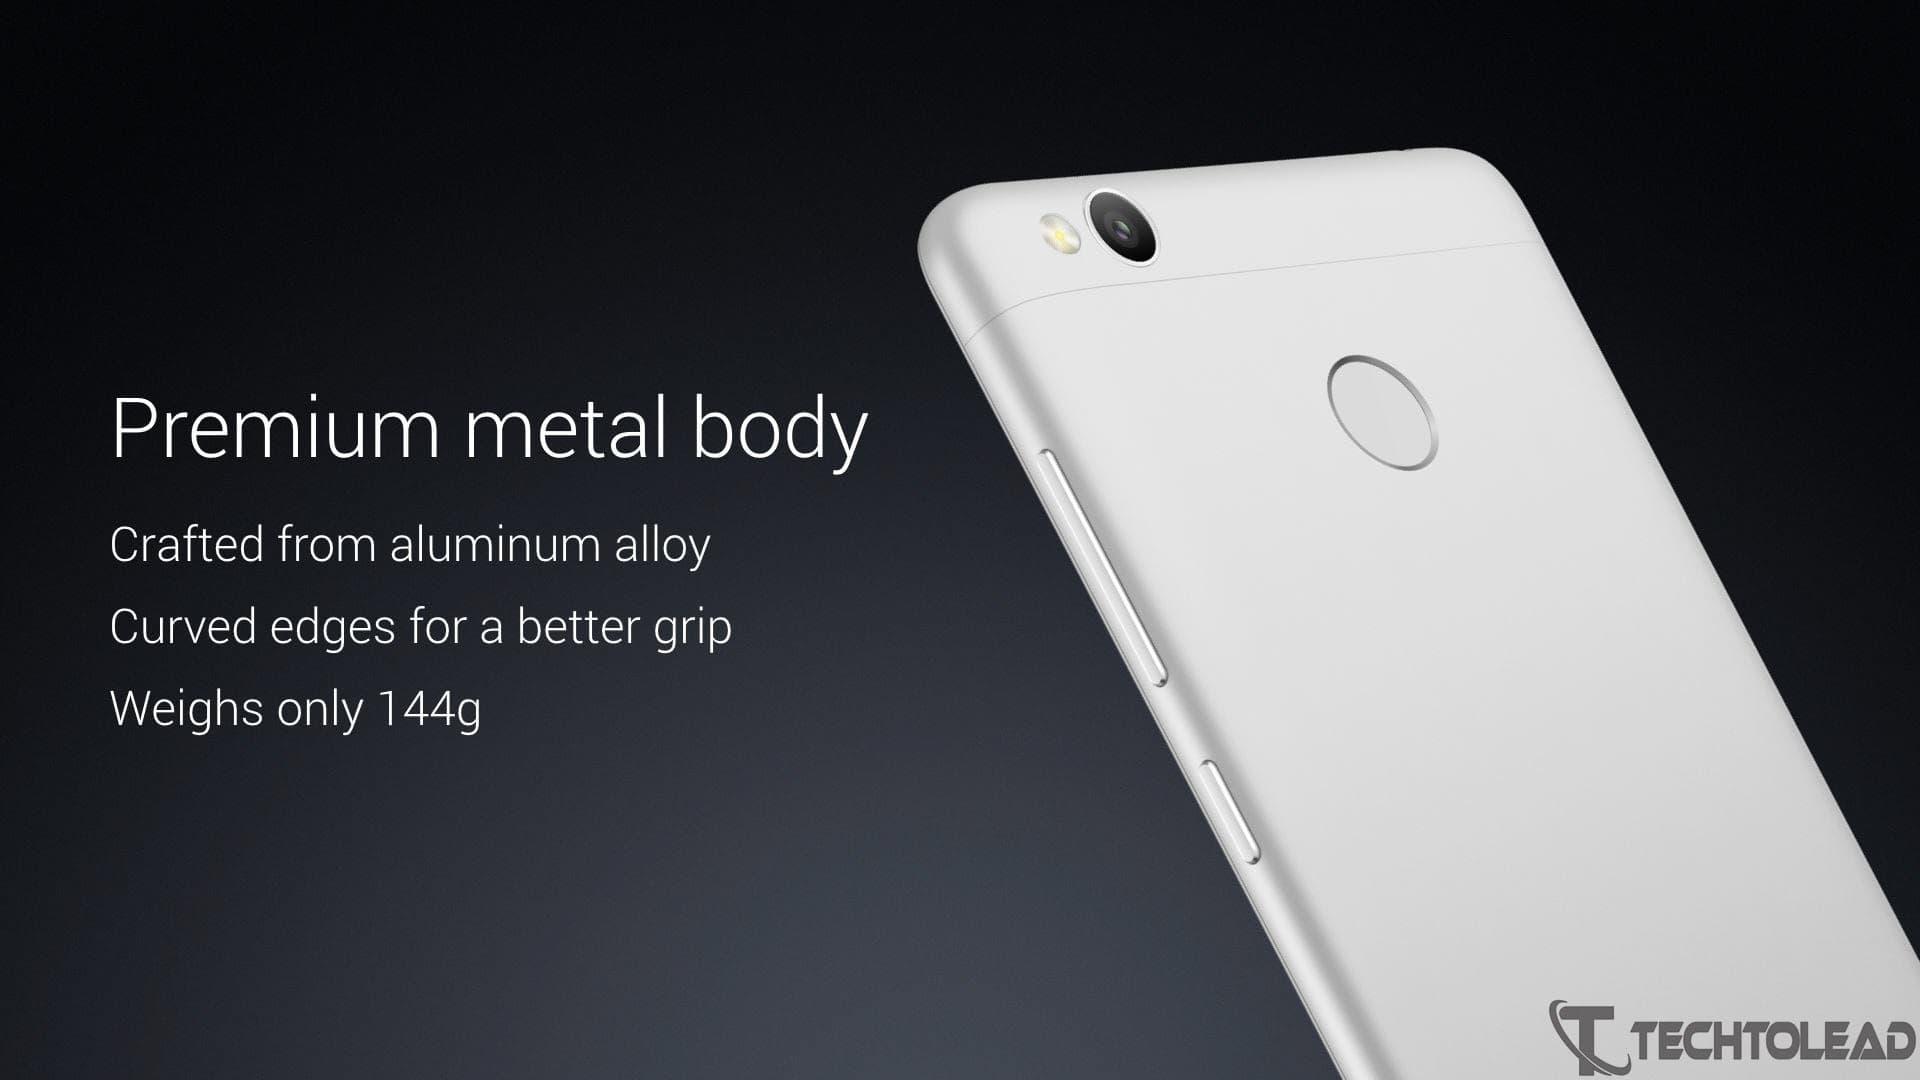 Xiaomi Redmi 3S And Redmi 3S Prime Launched In India